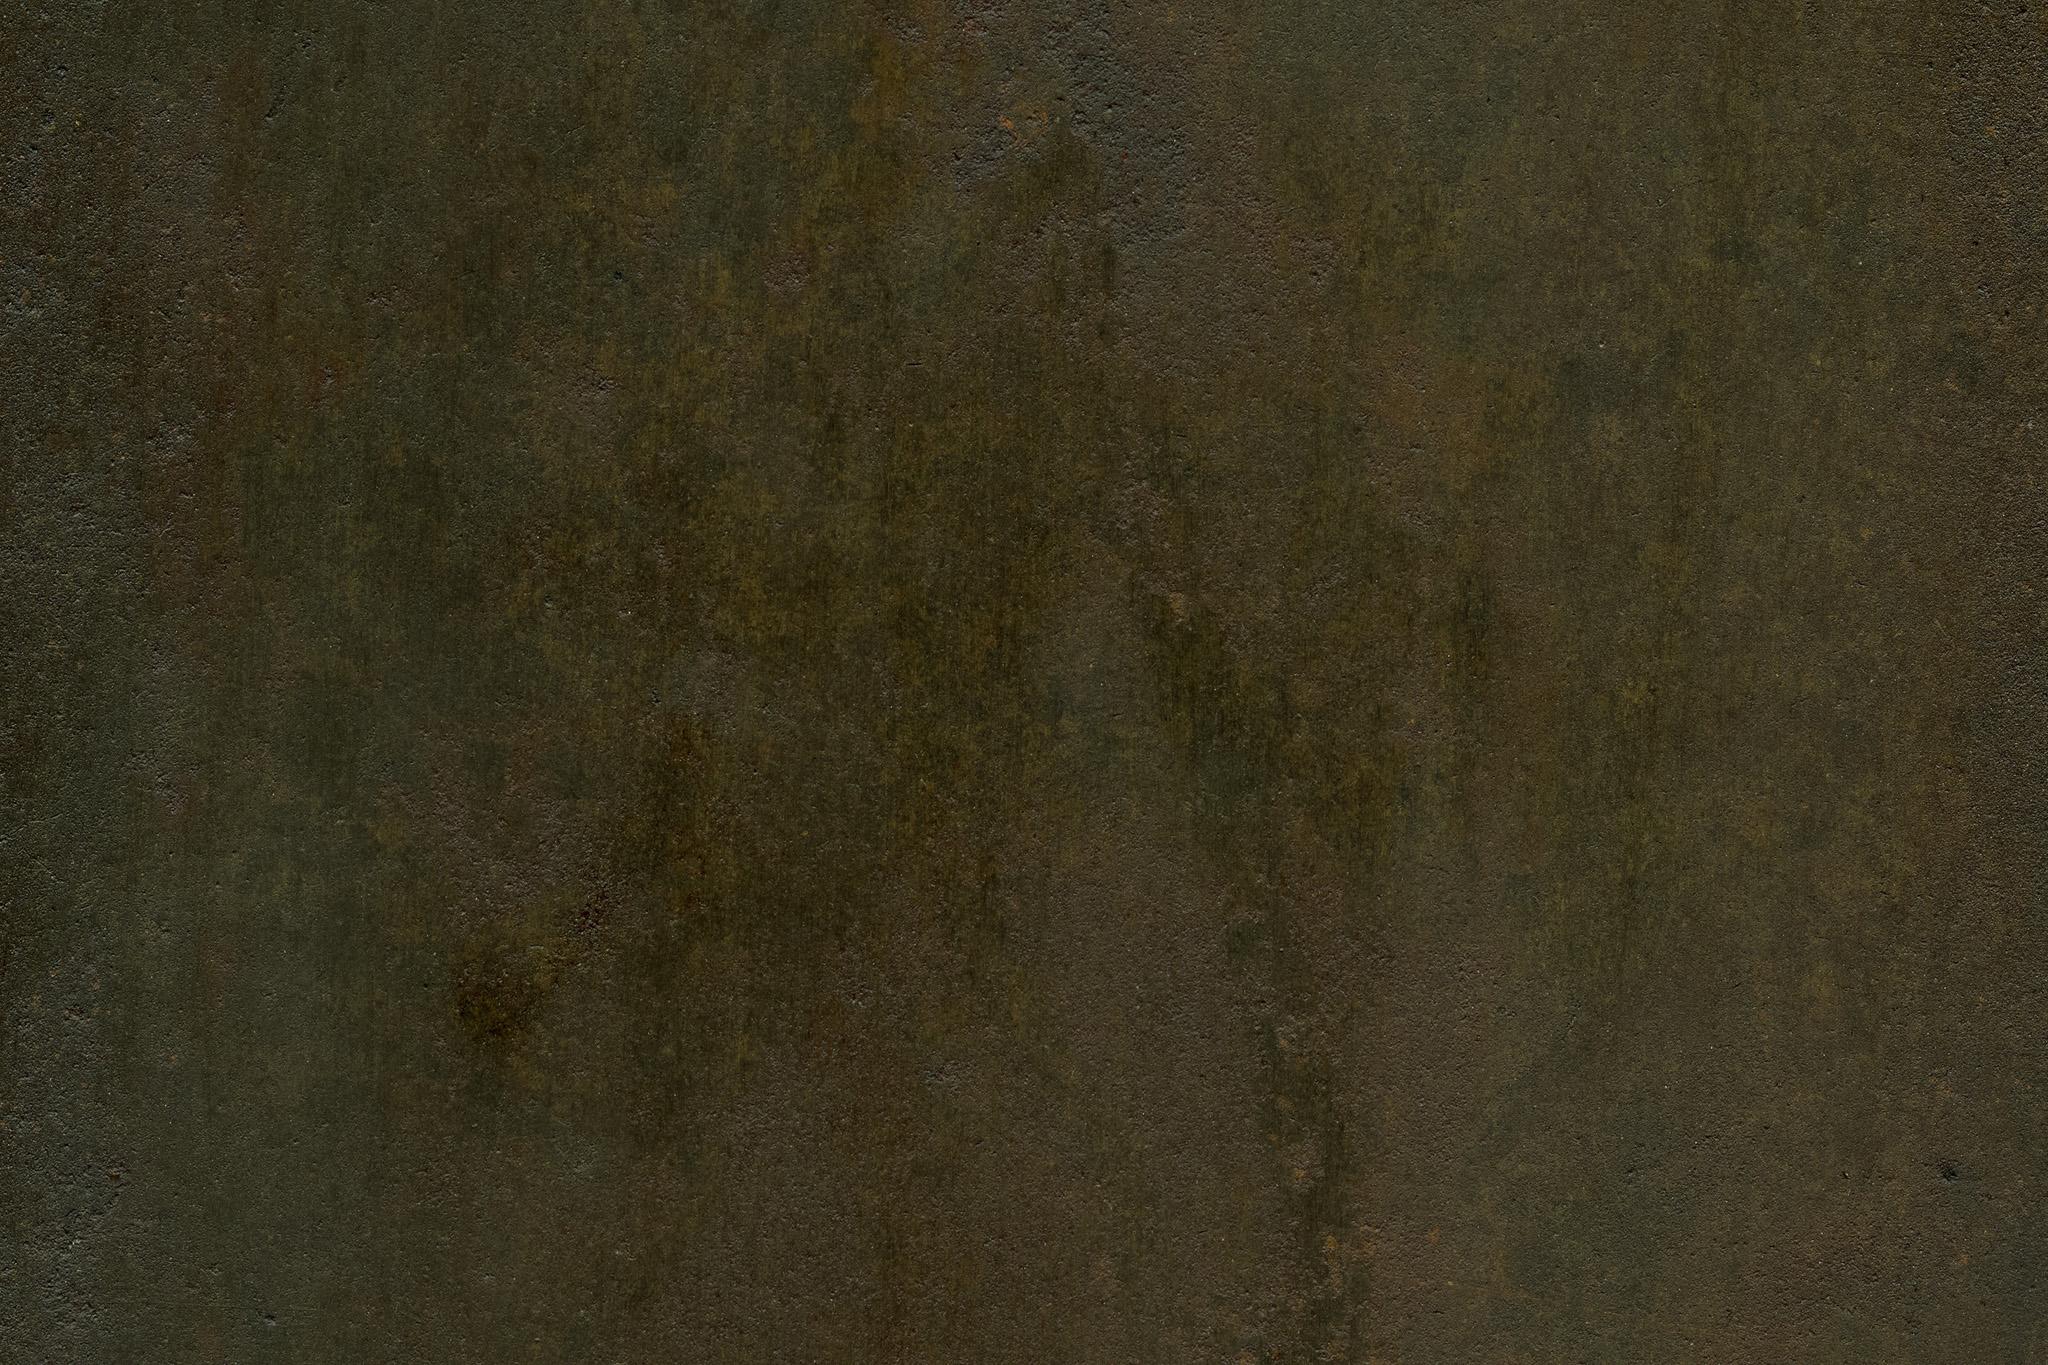 「汚れと錆のある金属」のテクスチャを無料ダウンロード